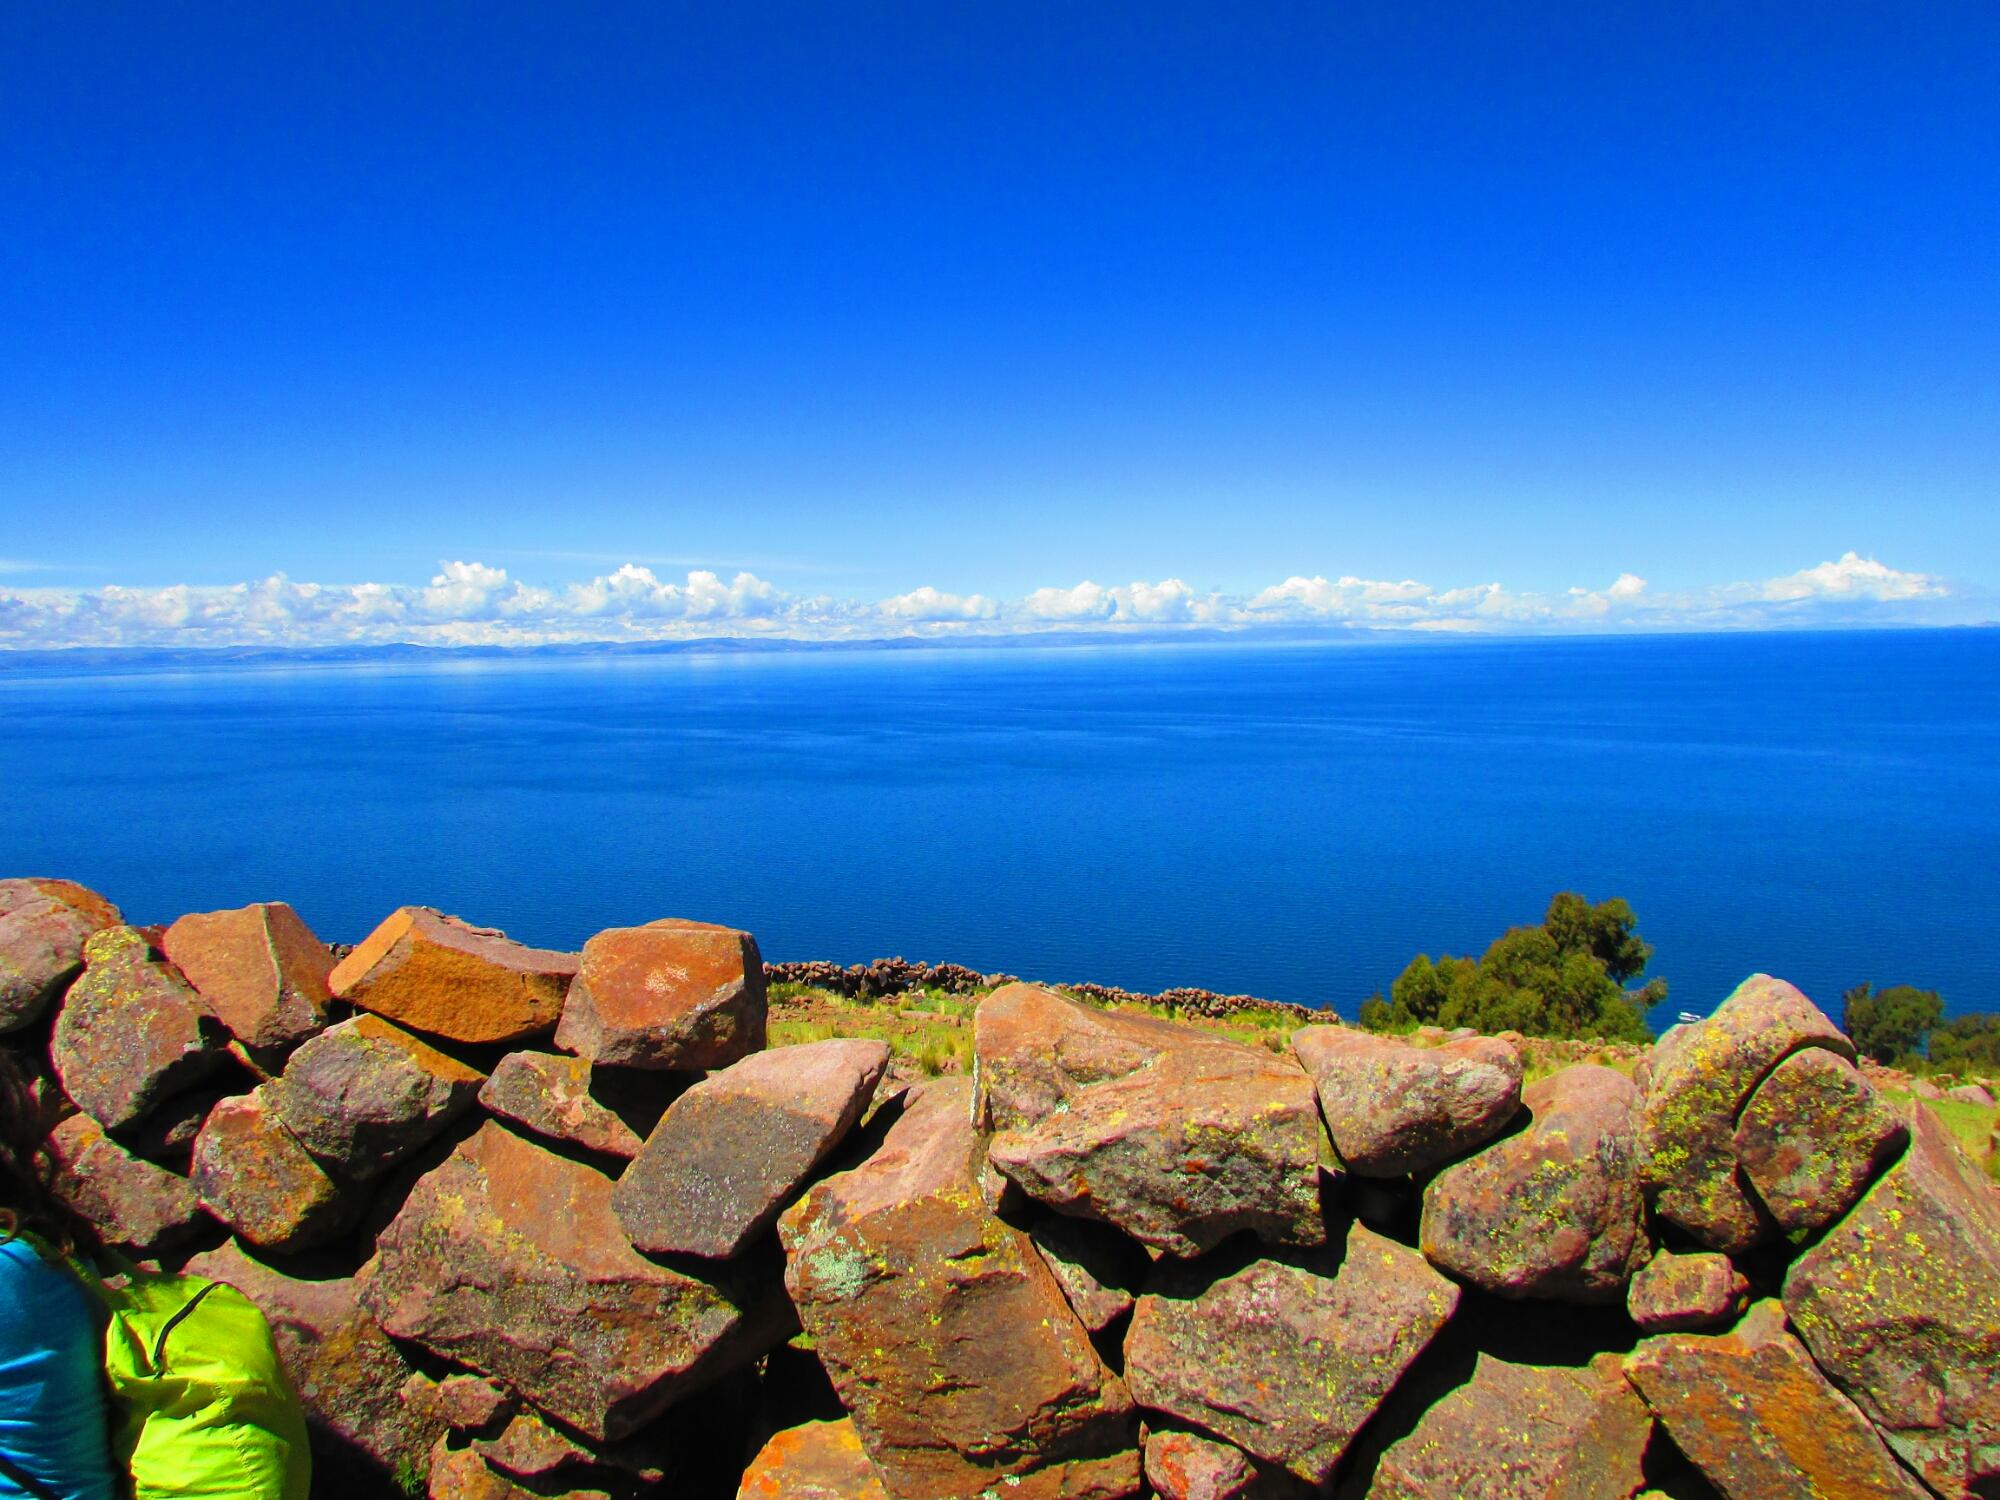 piedras y agua en la isla Taquile en el lago Titicaca